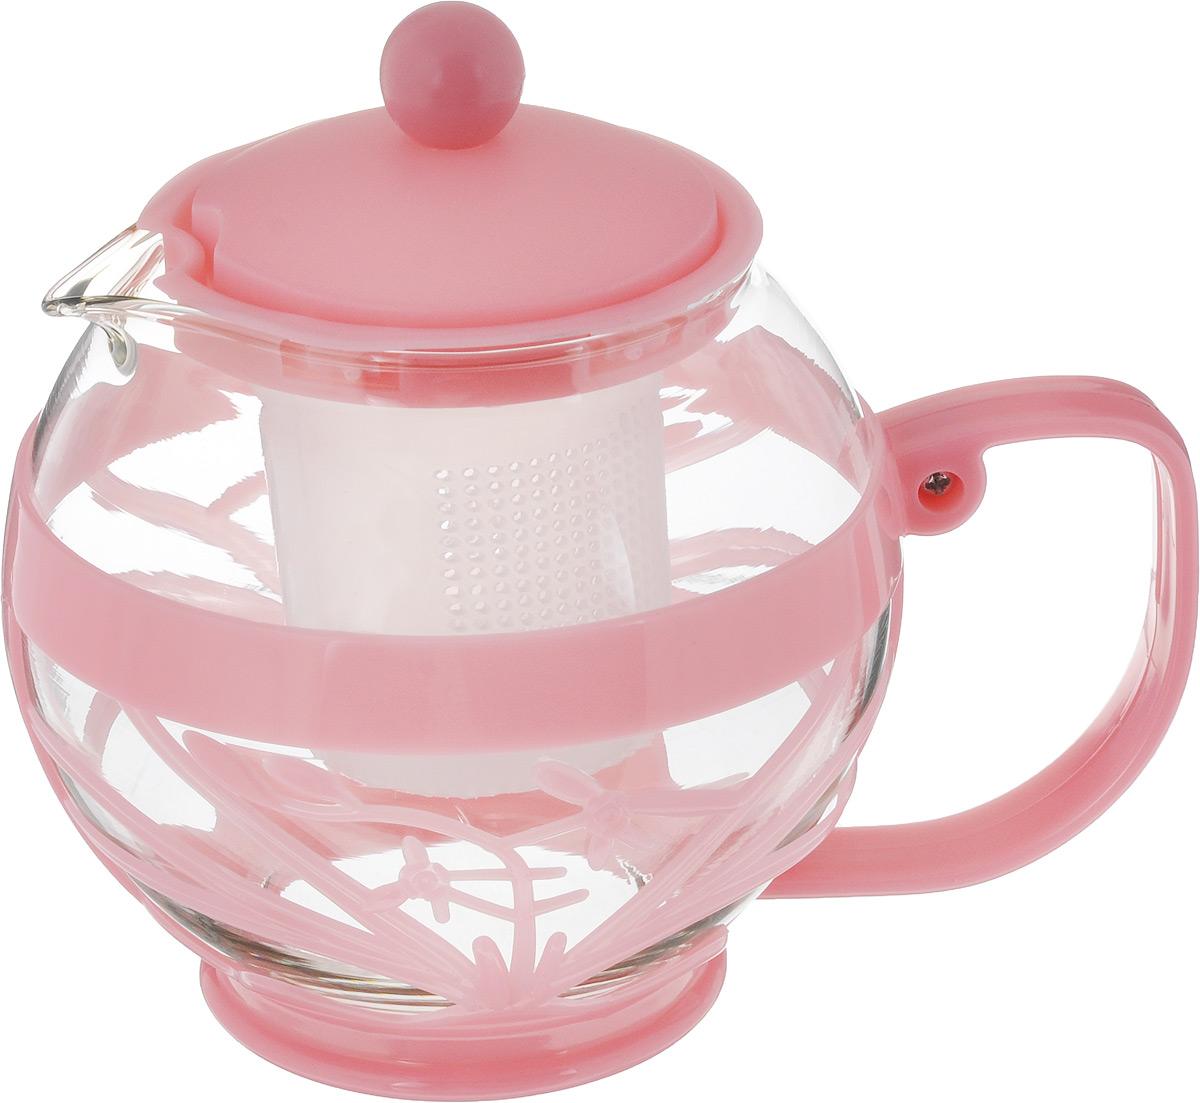 Чайник заварочный Wellberg Aqual, с фильтром, цвет: прозрачный, розовый, 800 мл361 WB_розовыйЗаварочный чайник Wellberg Aqual изготовлен из высококачественного пластика и жаропрочного стекла. Чайник имеет пластиковый фильтр и оснащен удобной ручкой. Он прекрасно подойдет для заваривания чая и травяных напитков. Такой заварочный чайник займет достойное место на вашей кухне.Высота чайника (без учета крышки): 11,5 см.Высота чайника (с учетом крышки): 14 см. Диаметр (по верхнему краю) 7 см.Высота сито: 6 см.